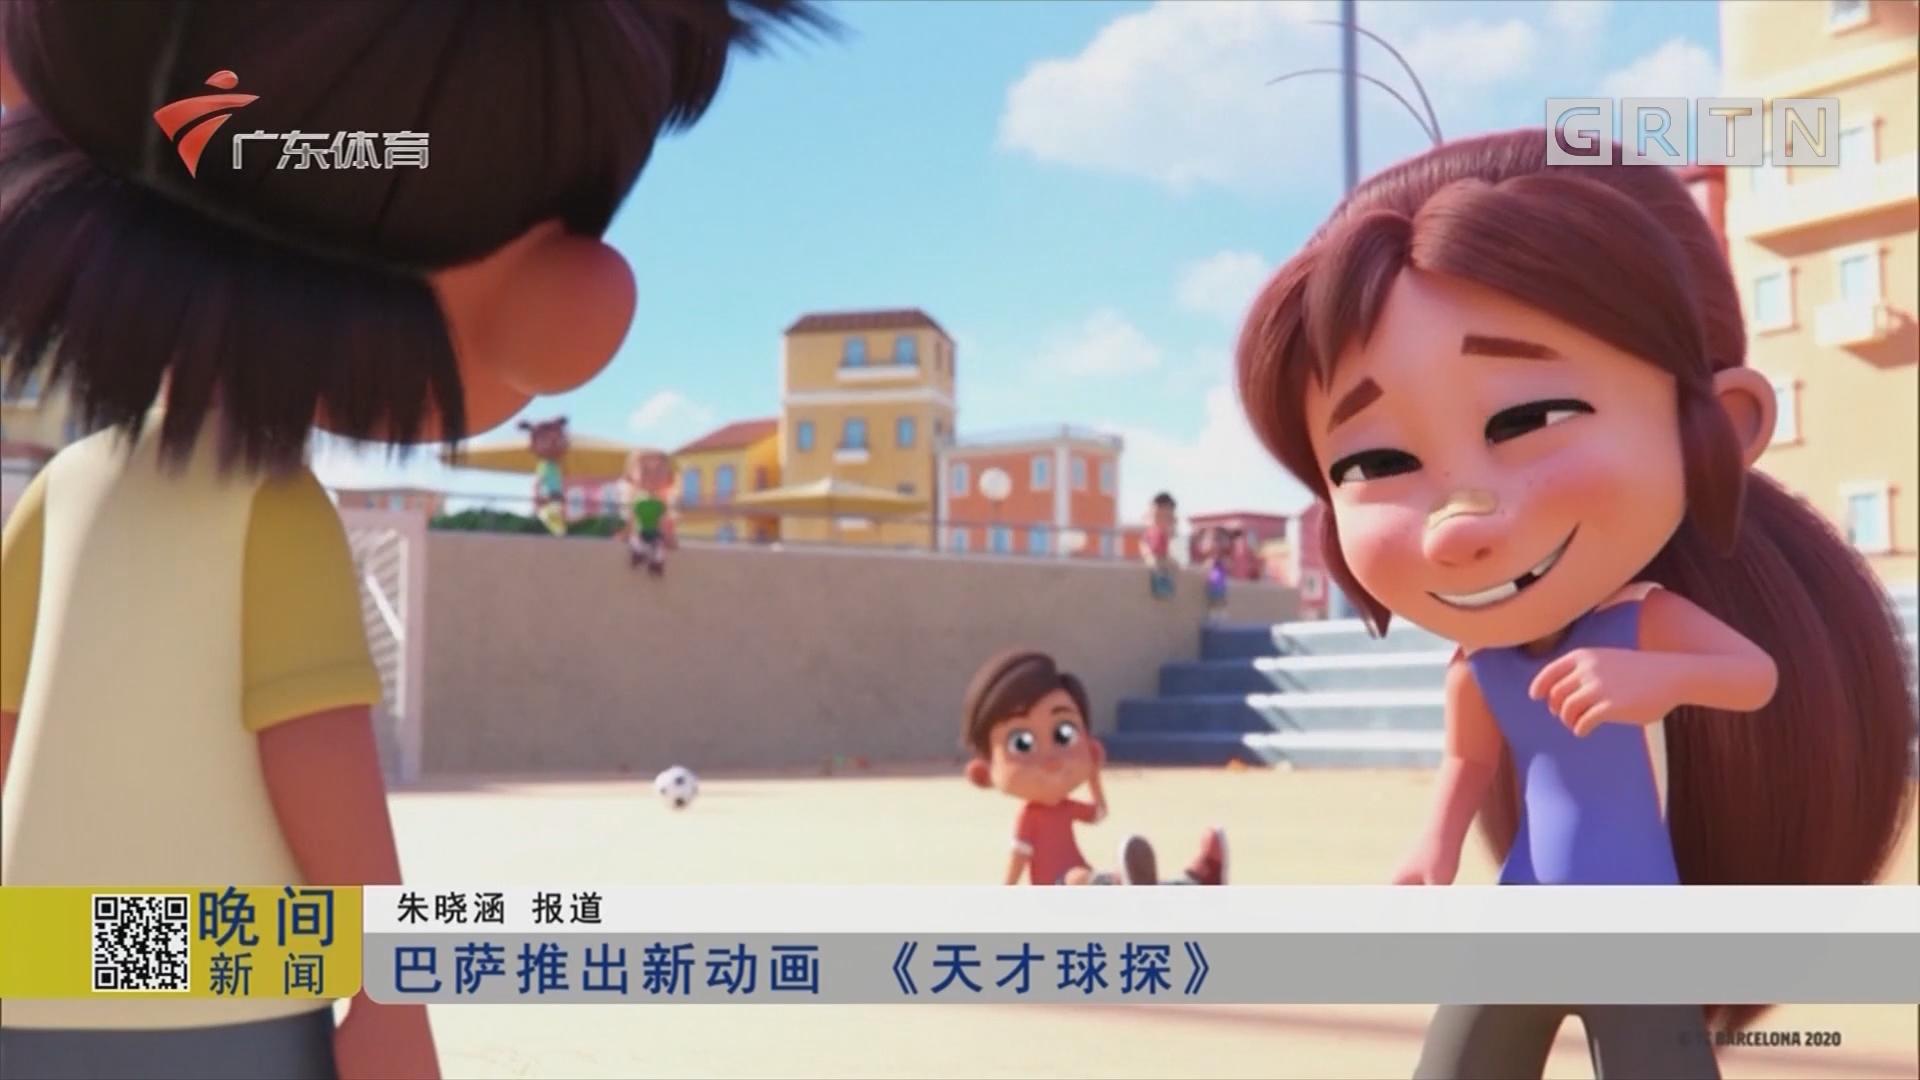 巴薩推出新動畫《天才球探》